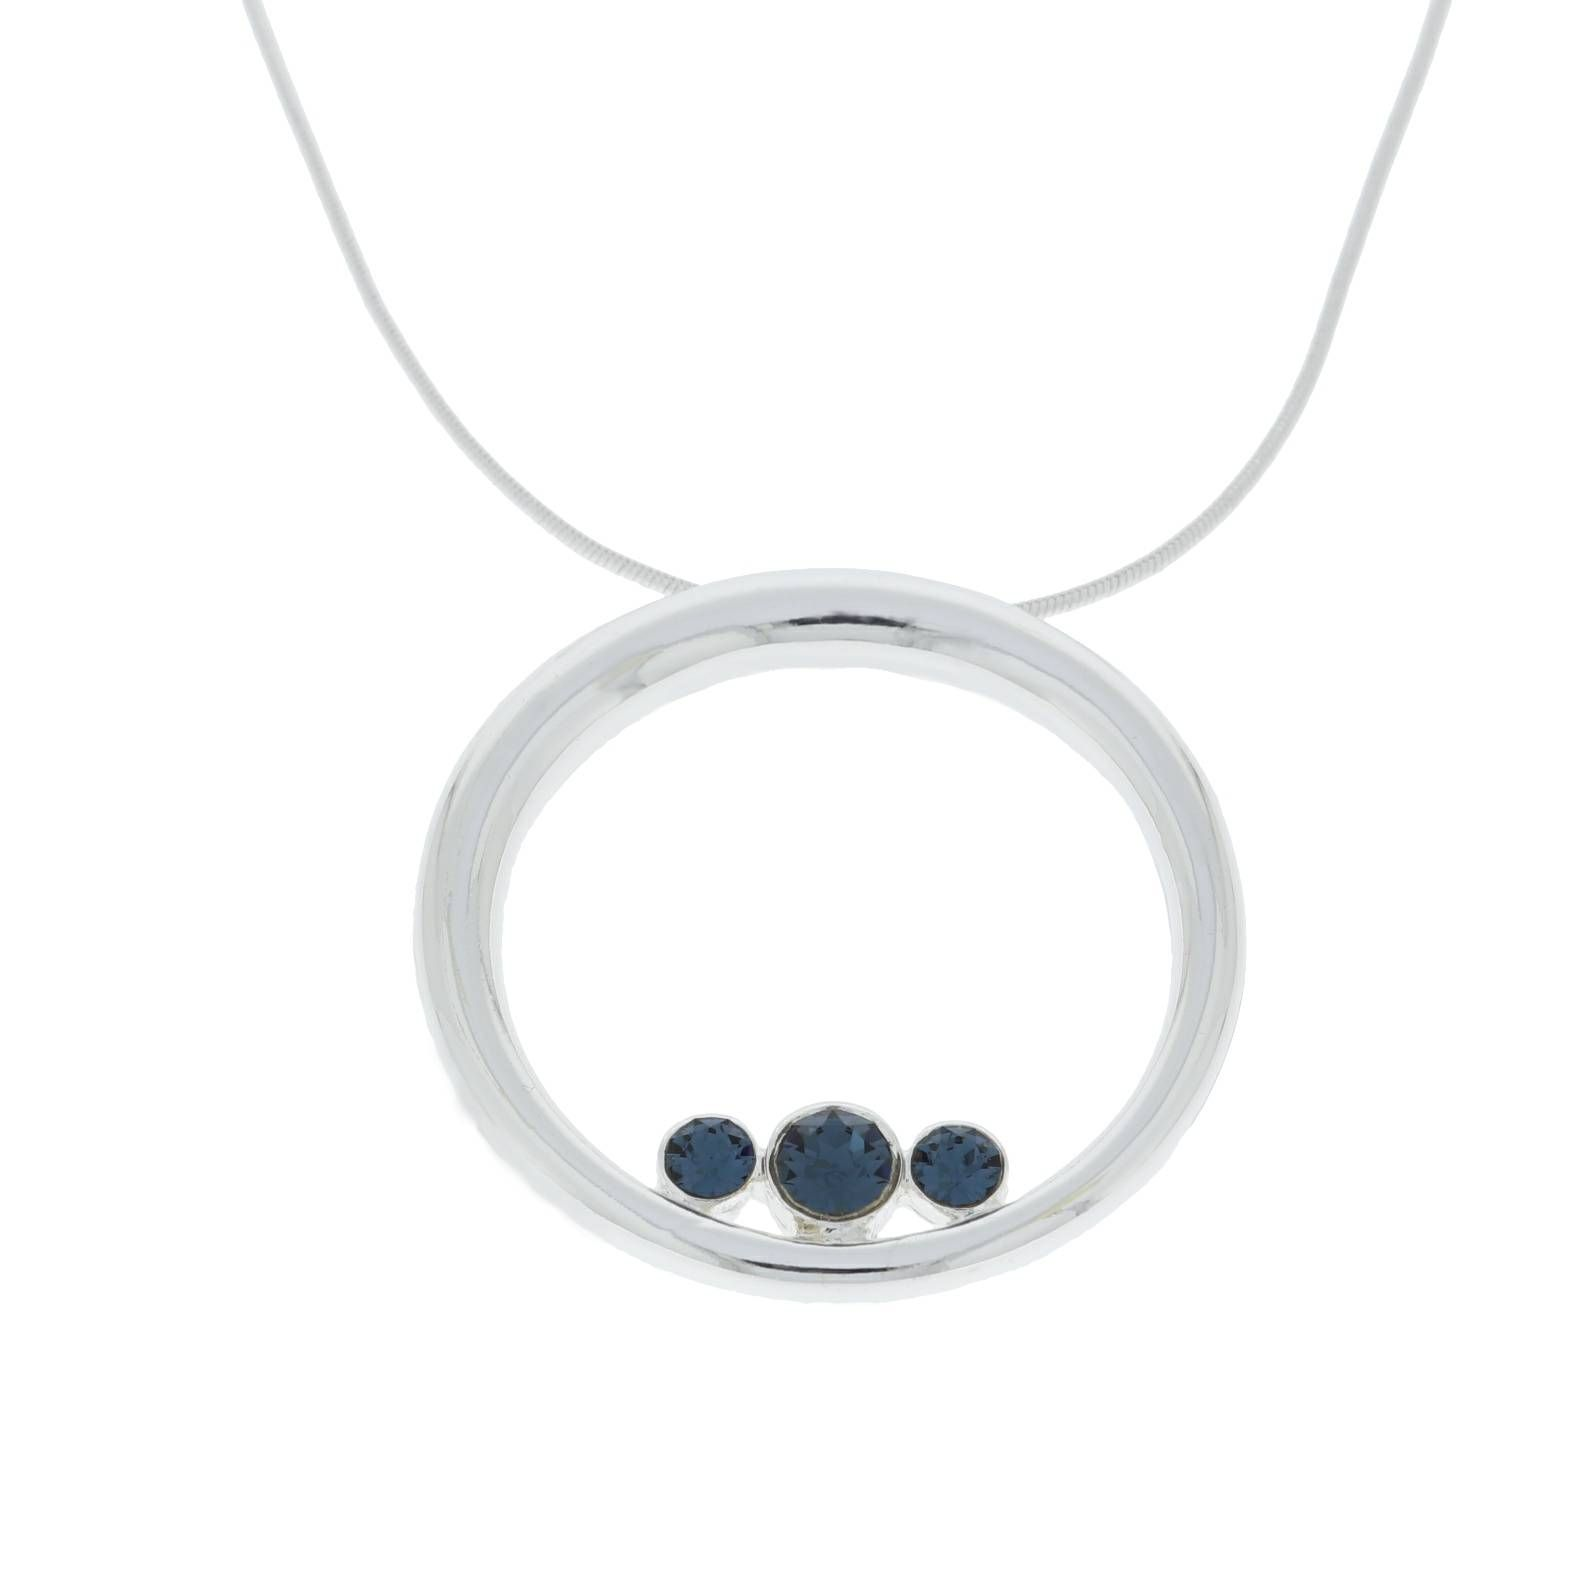 Řetízek s kruhem s modrými kamínky